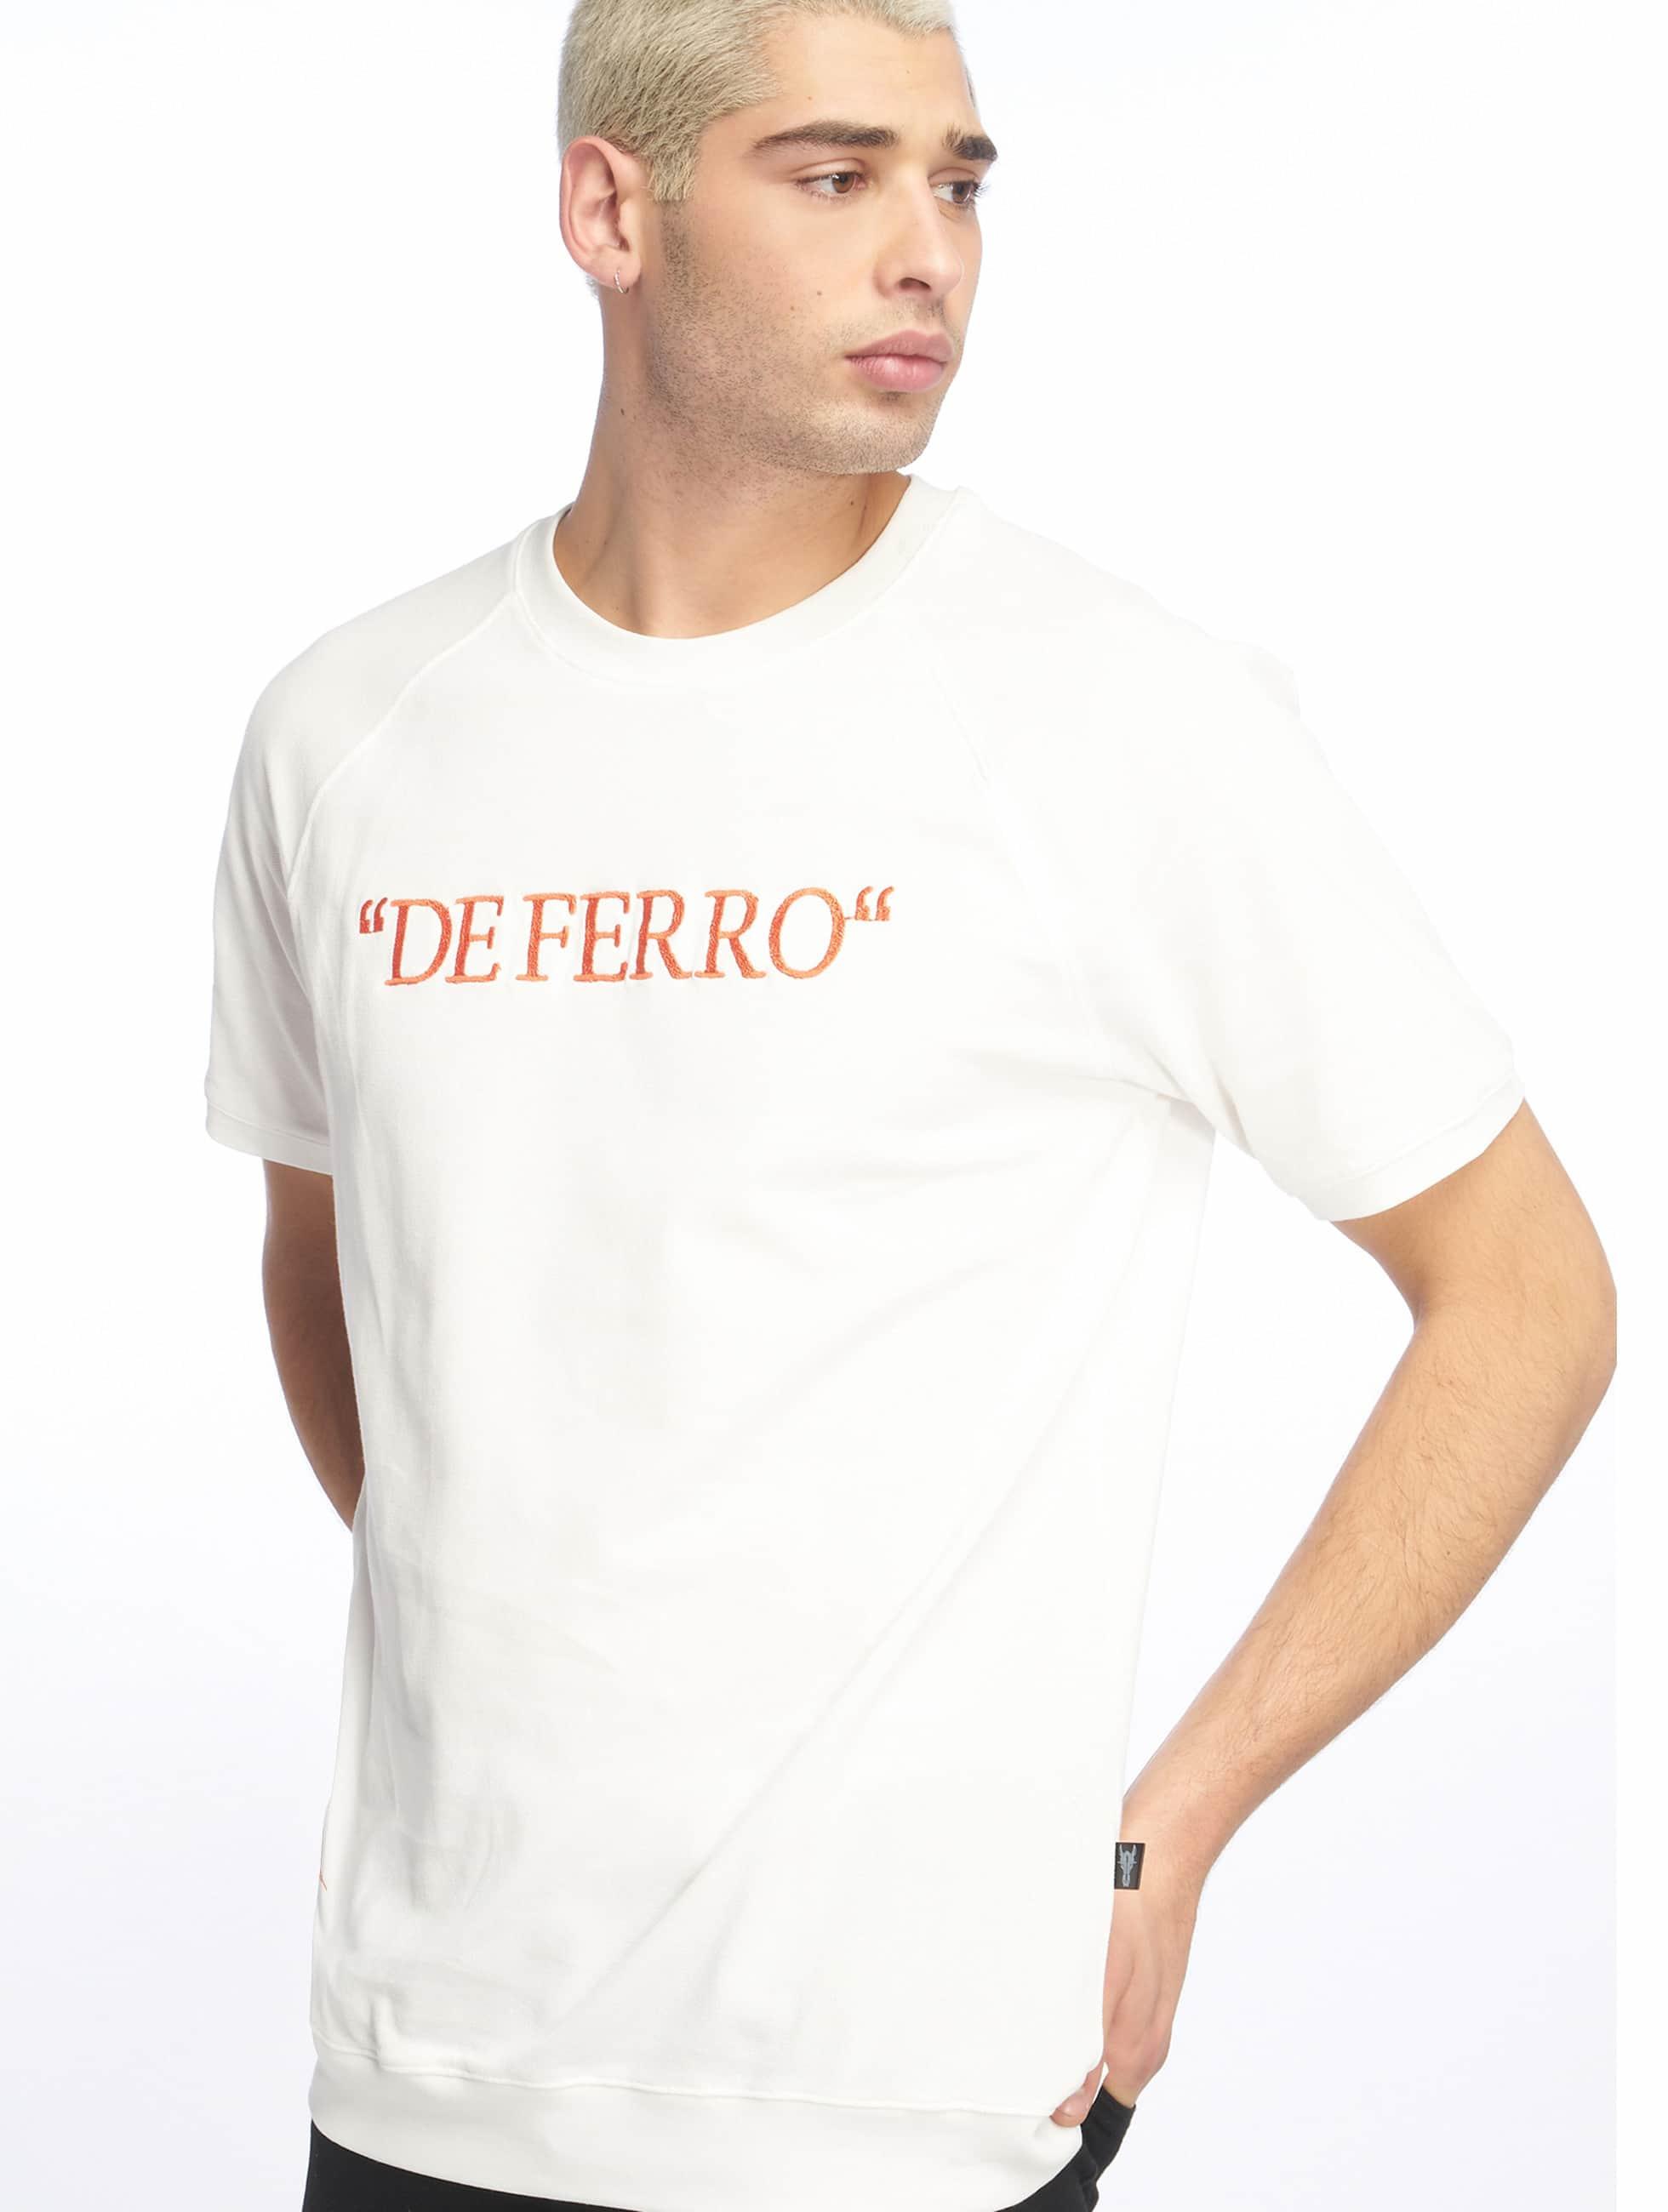 De Ferro / T-Shirt Deferro Piece in white XXL